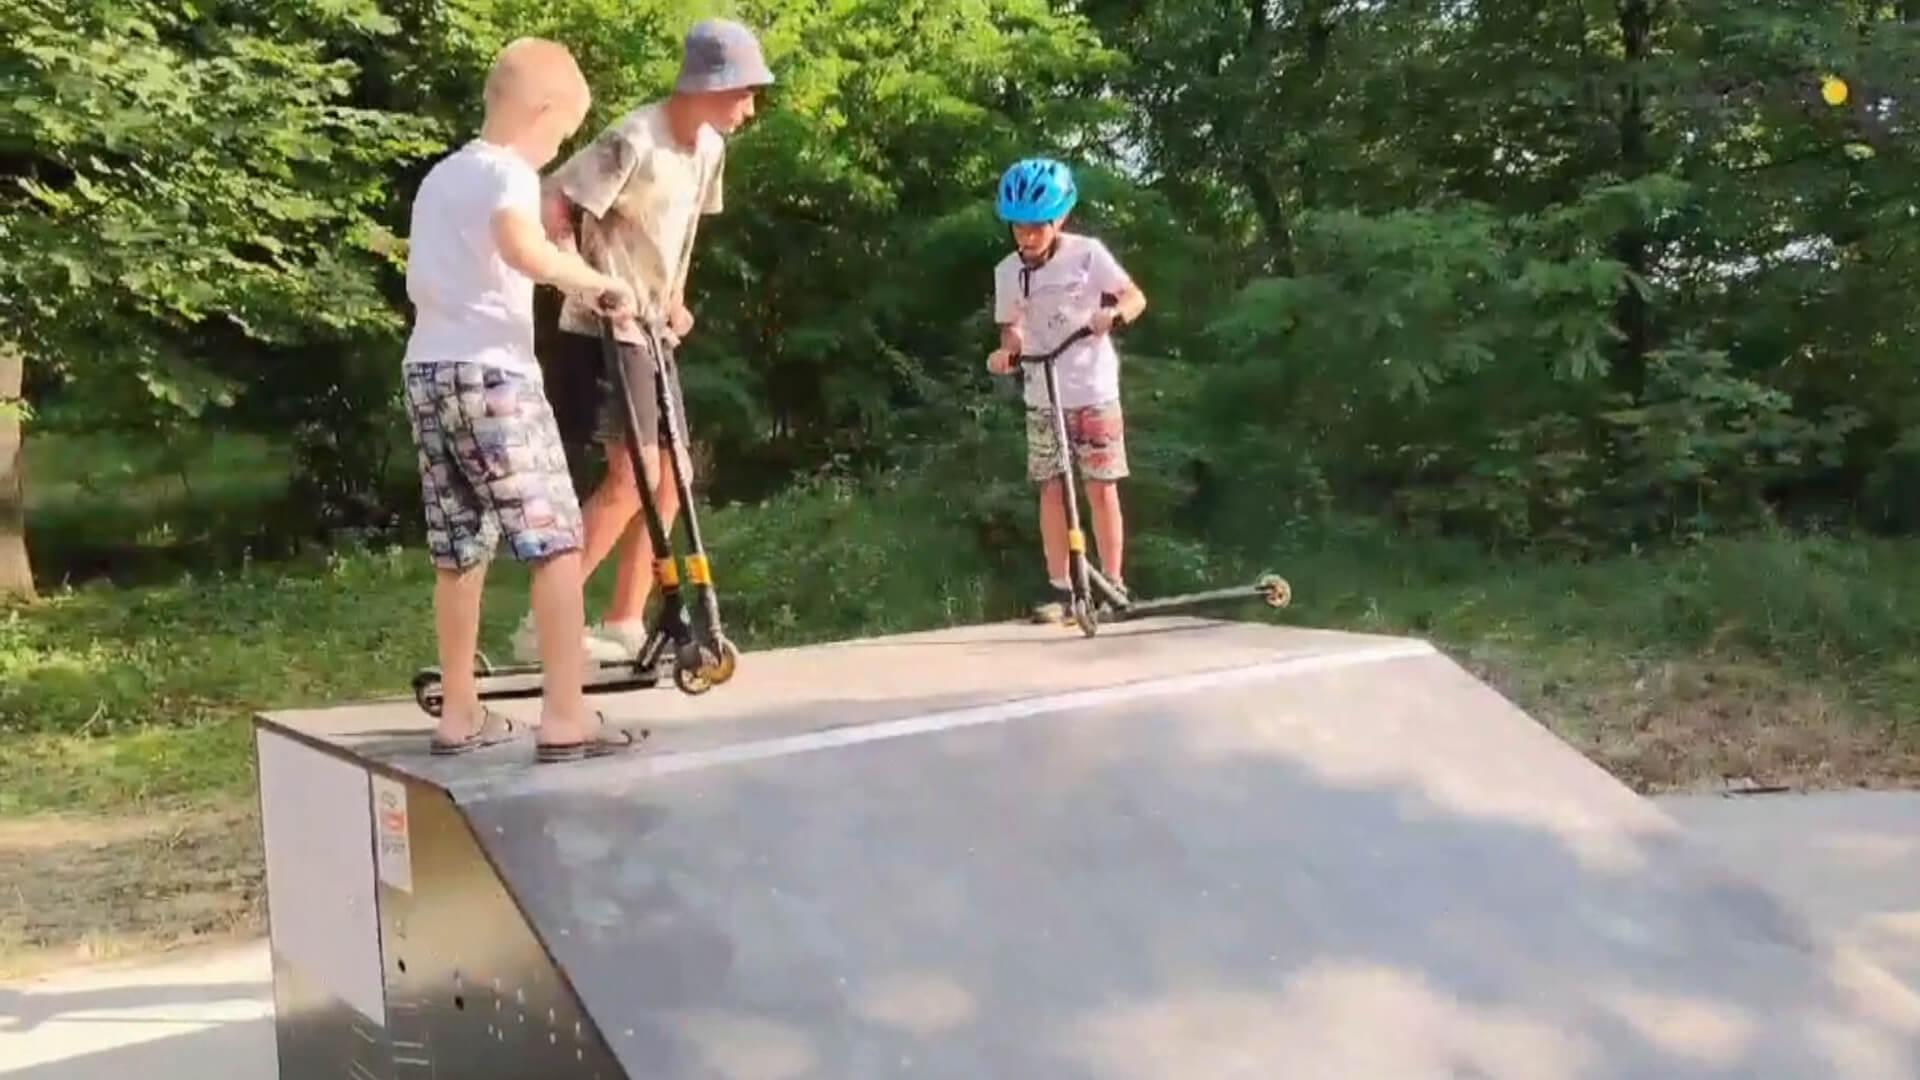 Атовець з Прикарпаття, разом з побратимами, побудував скейт-майданчик для діток у Попасній (ВІДЕО)